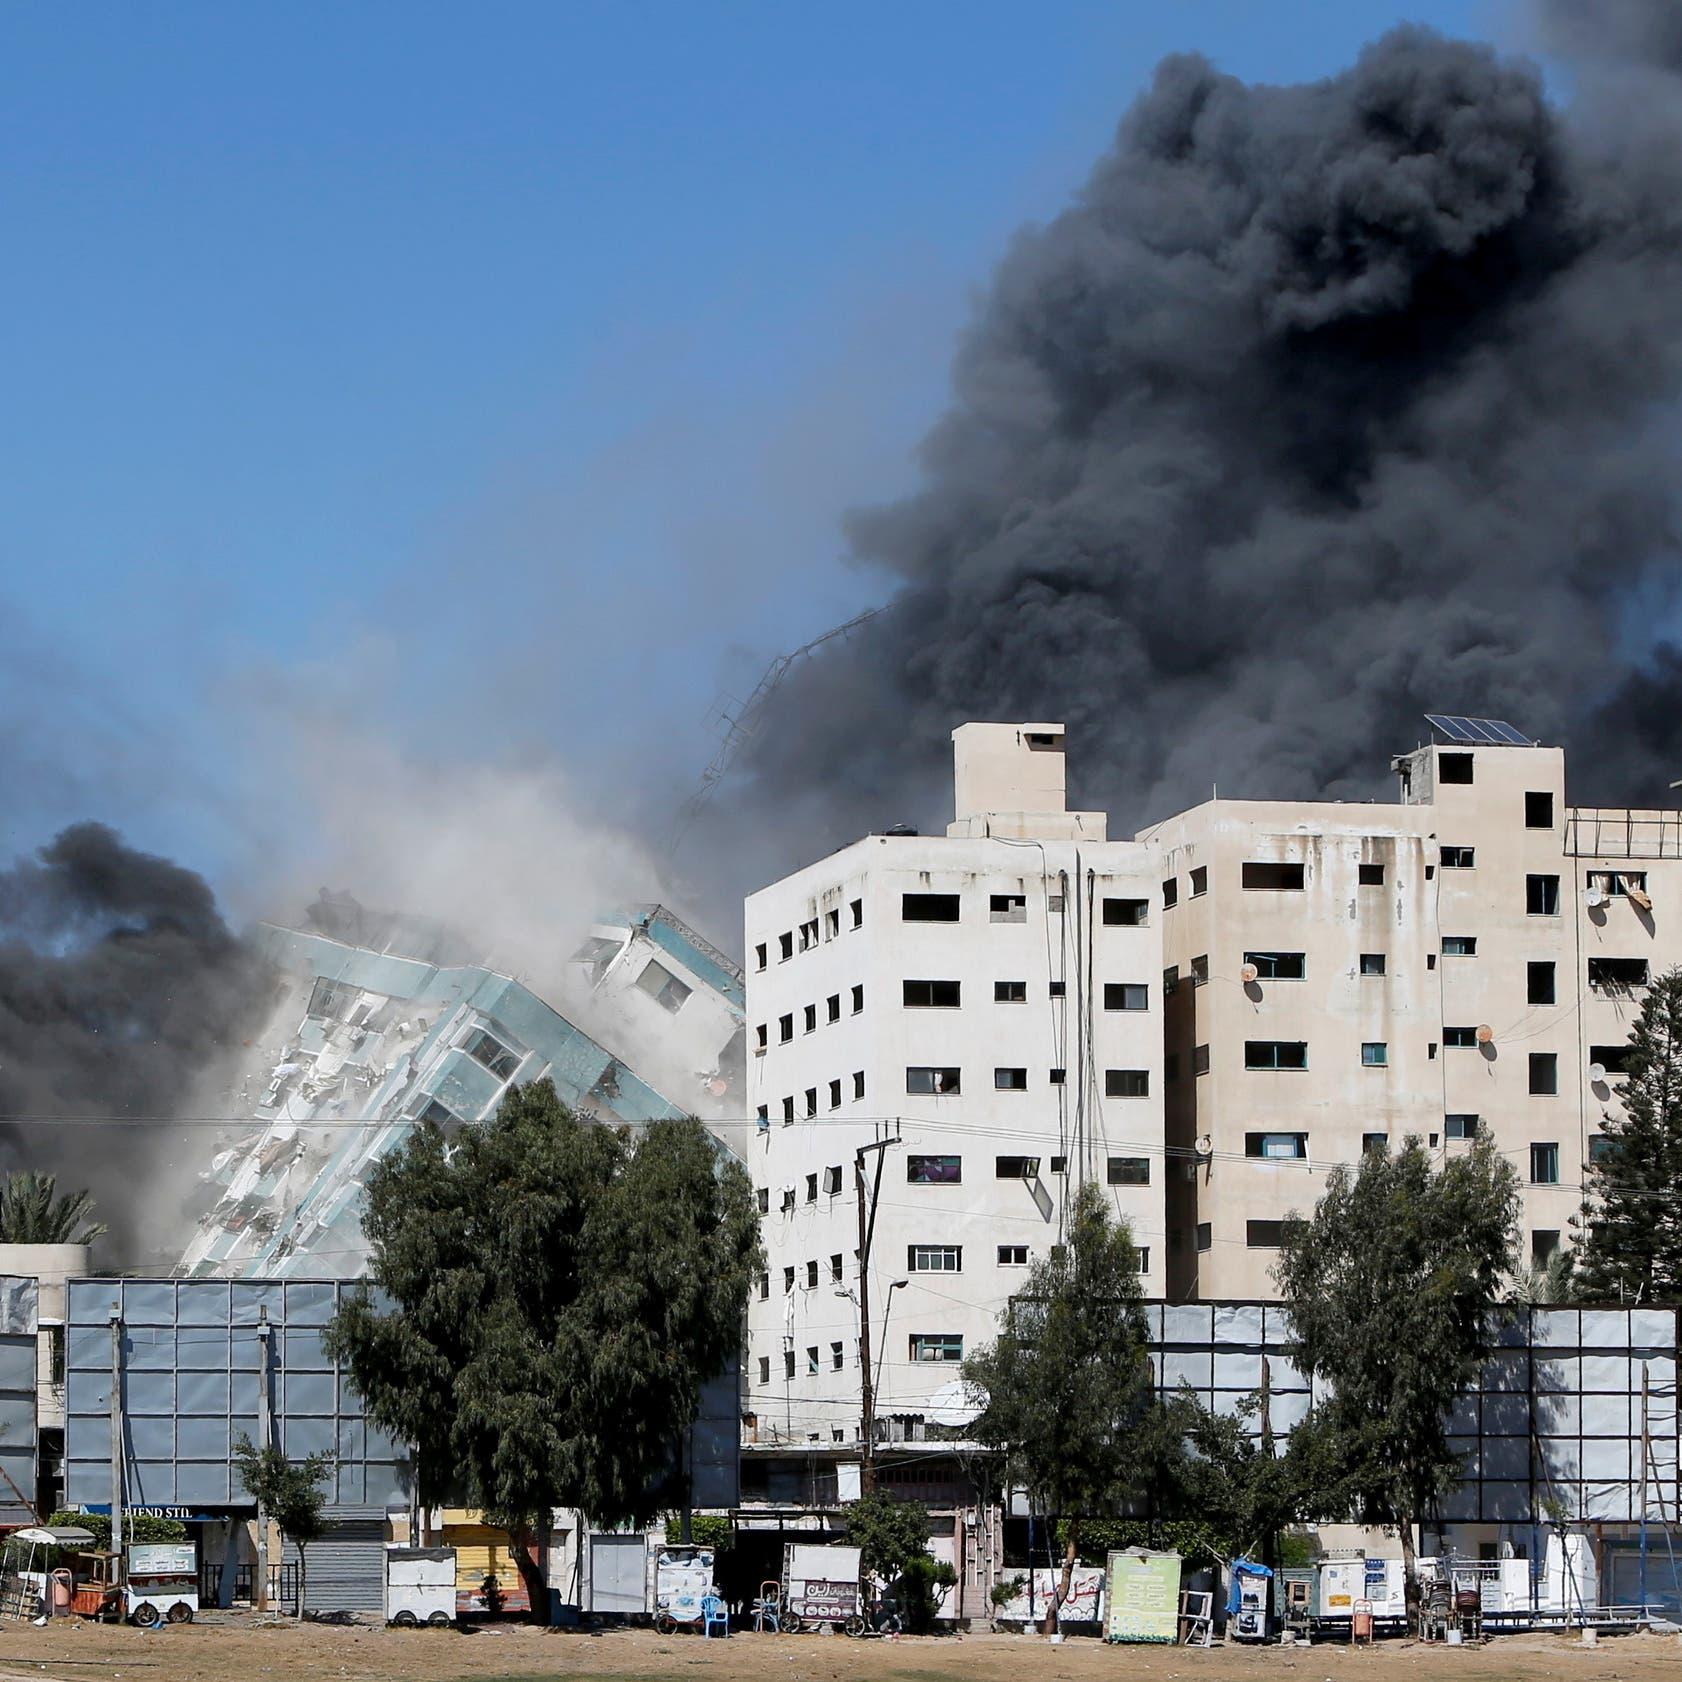 يضم مكاتب إعلامية.. إسرائيل تدمر ثاني أكبر برج في غزة